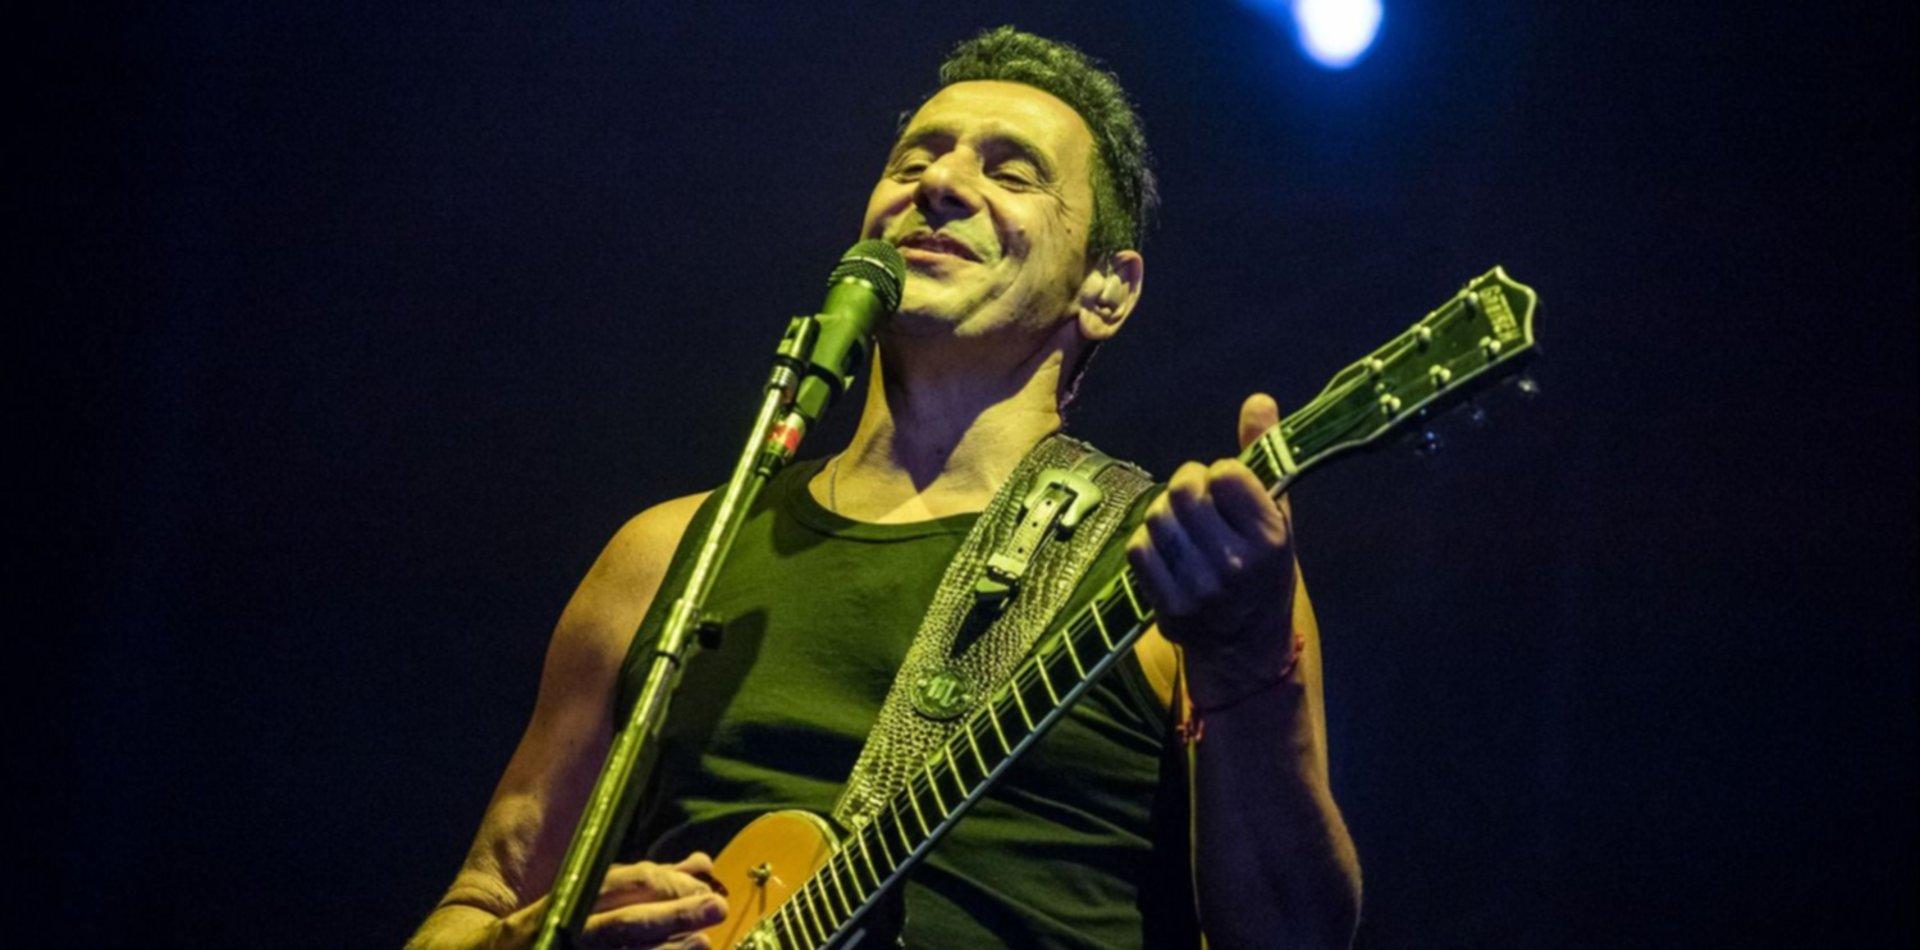 Ricardo Mollo paró su show en La Plata, pidió un pañuelo verde y habló del aborto legal